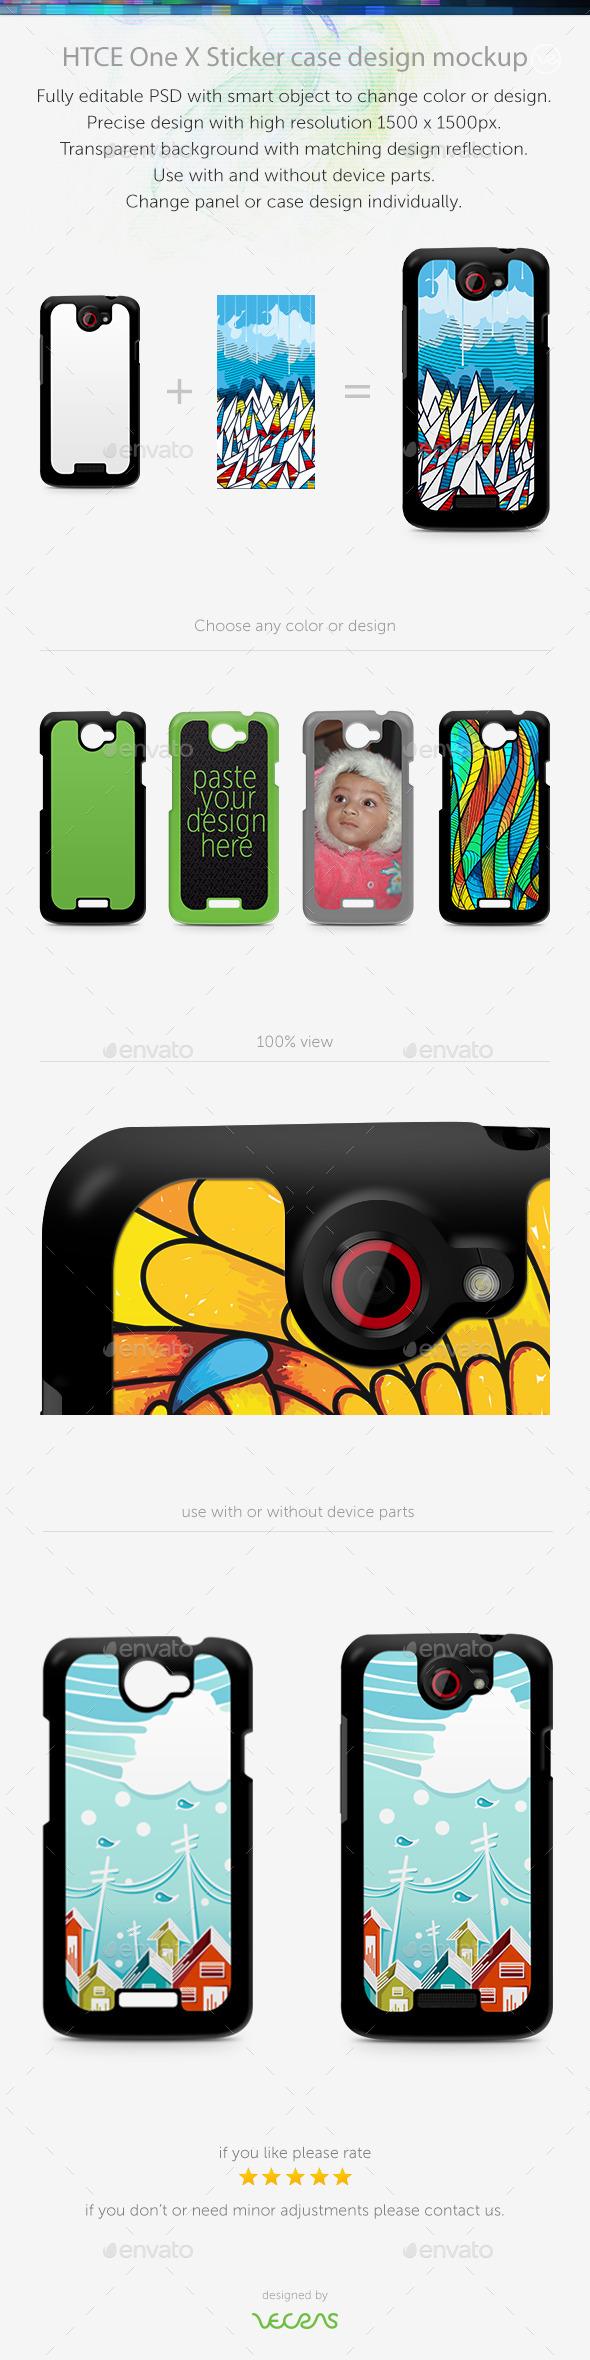 GraphicRiver HTCE One X Sticker Case Design Mockup 10401563